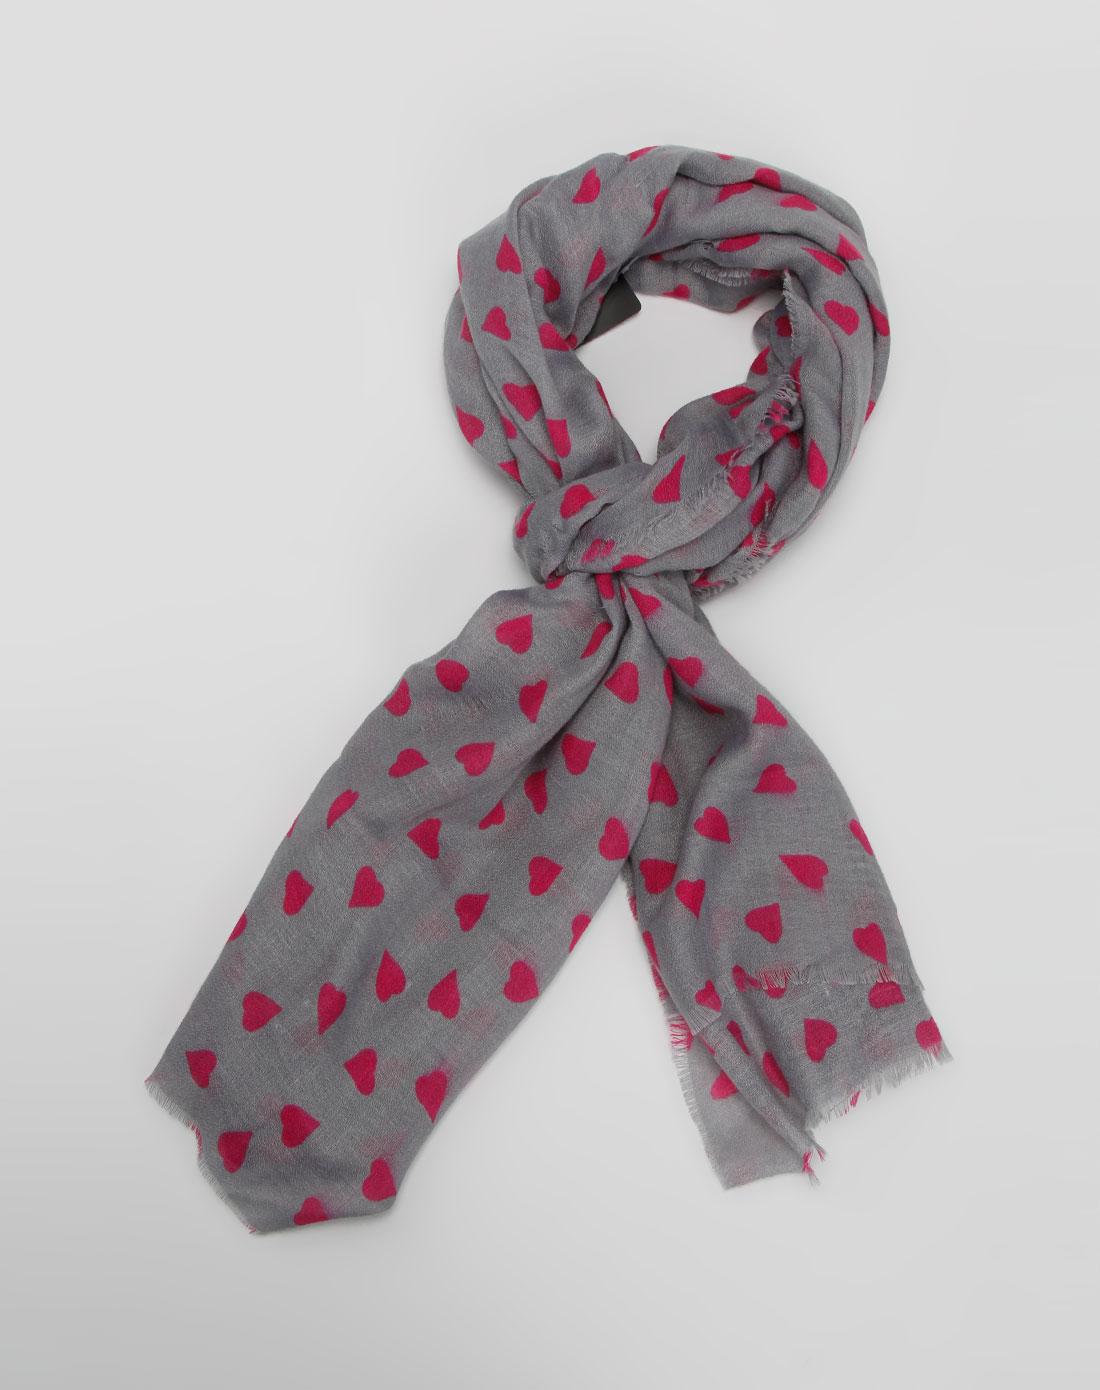 灰/粉红色心形围巾图片